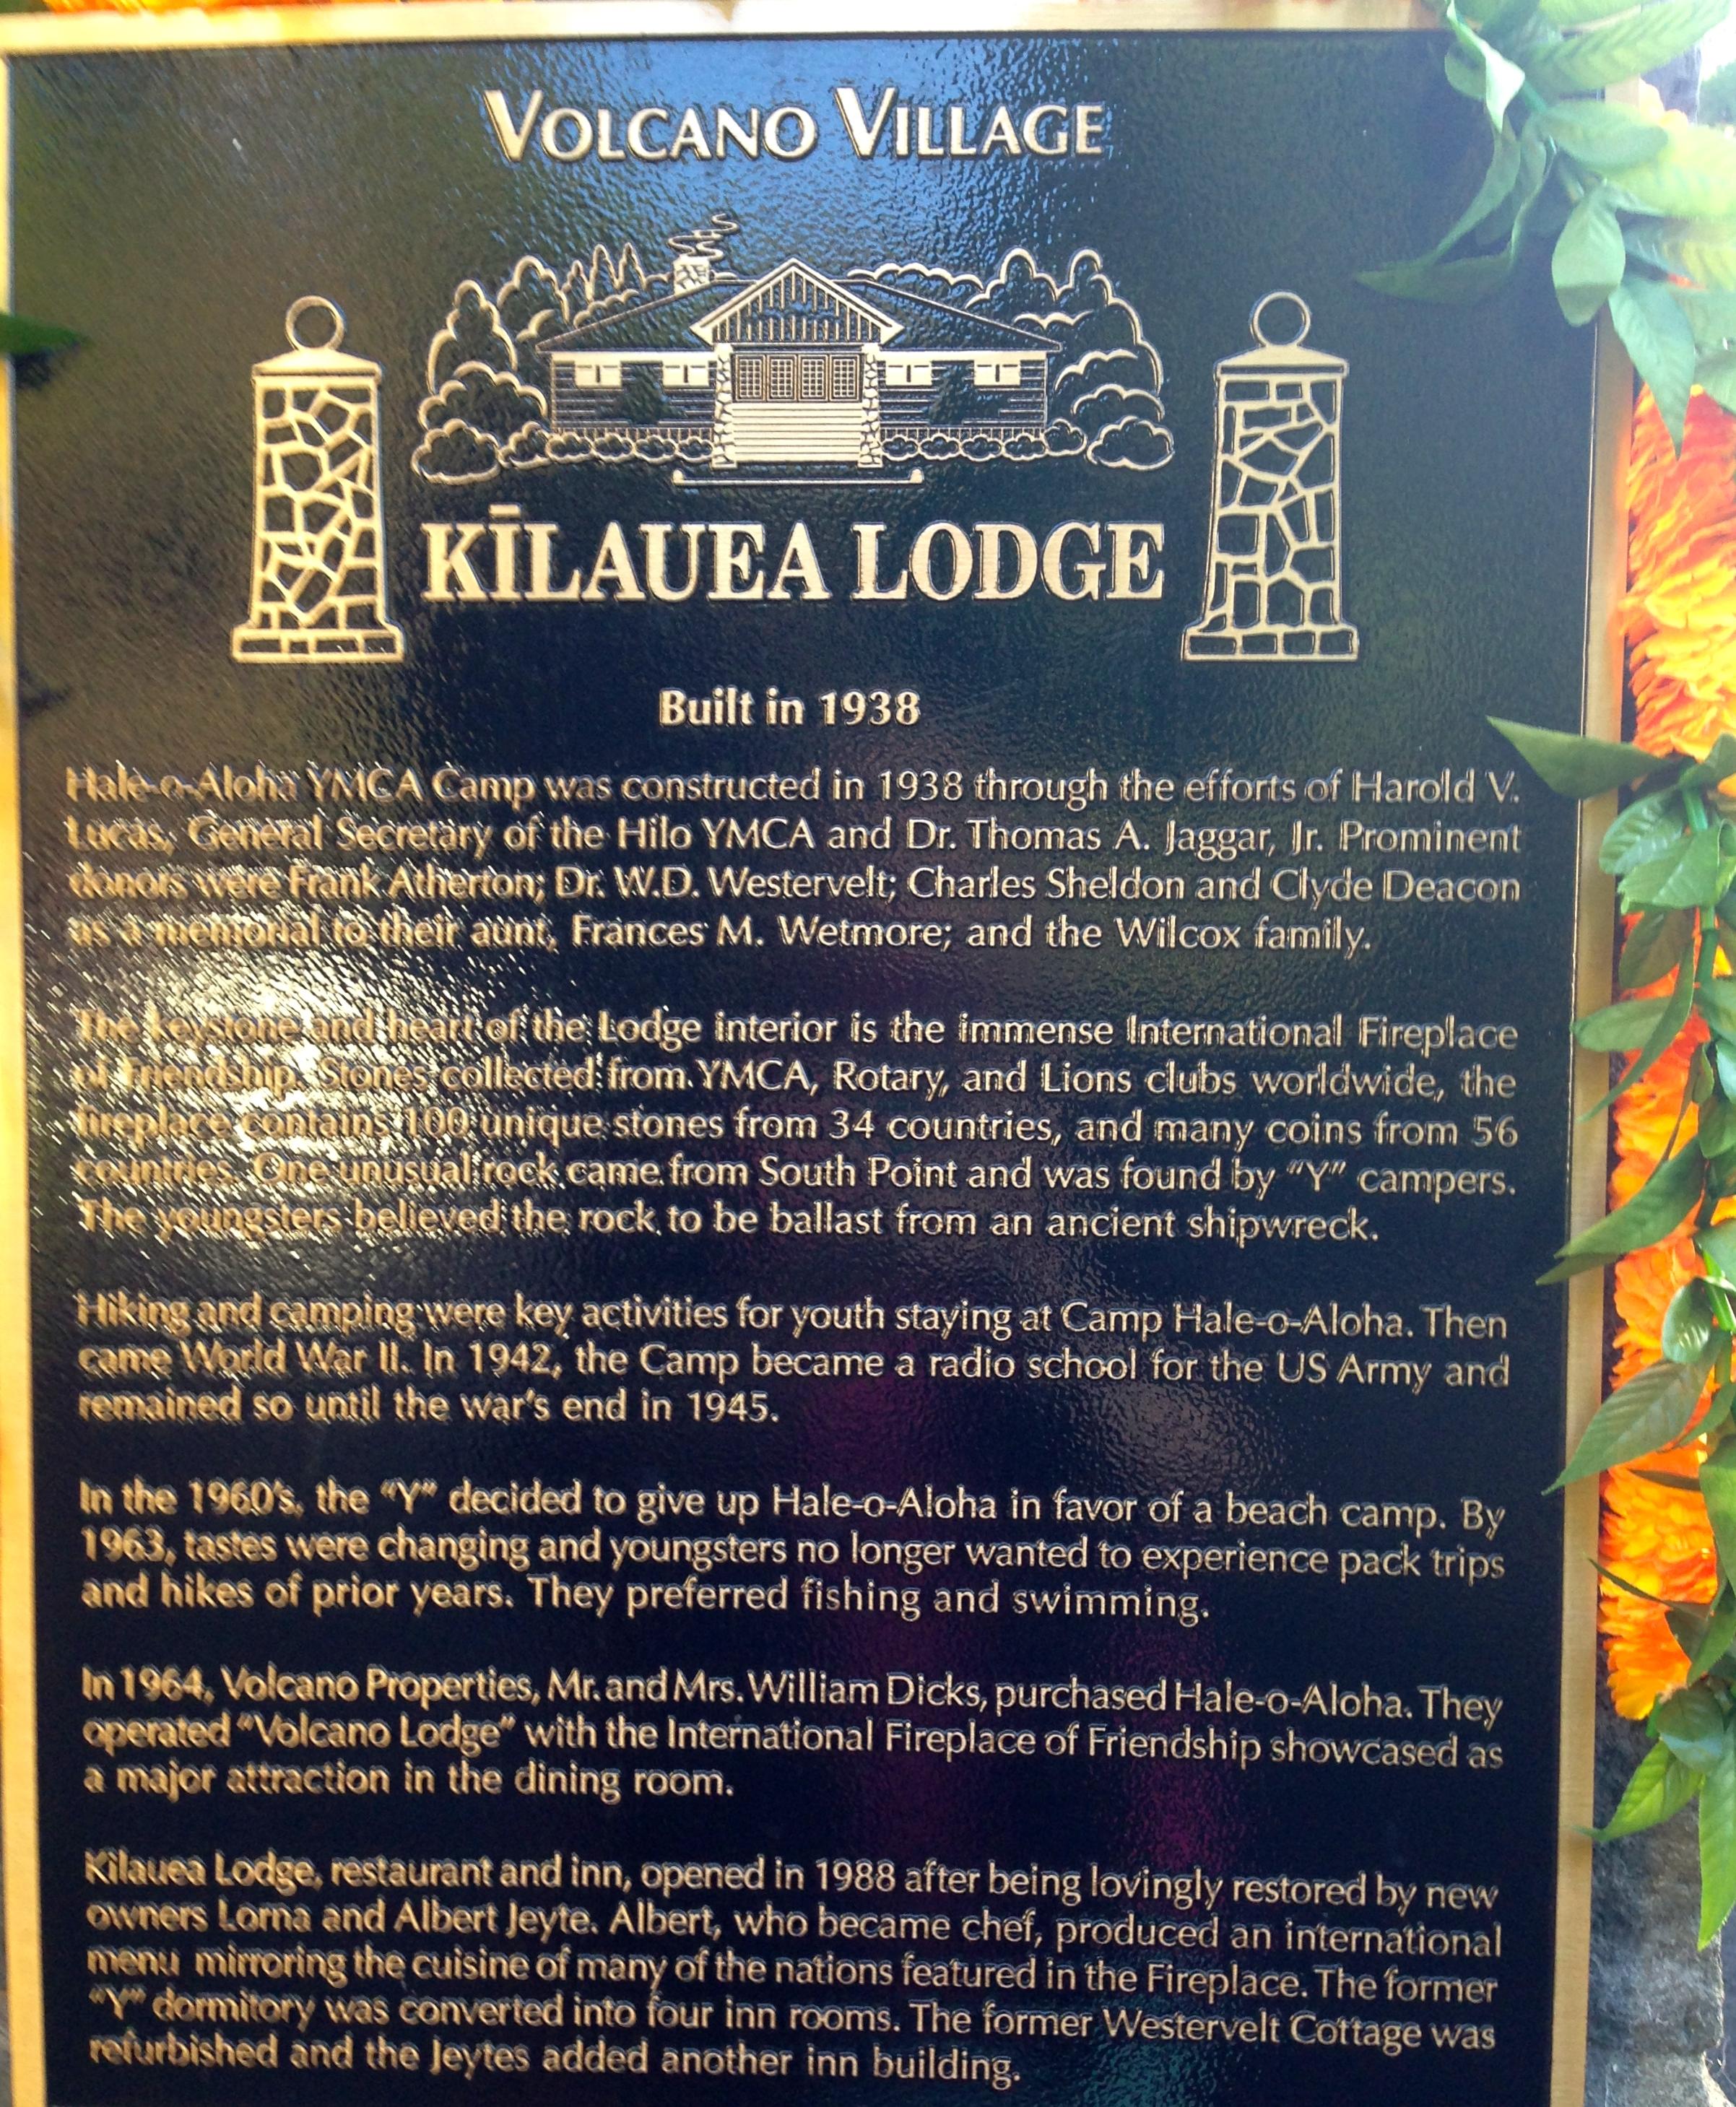 kilauea lodge u0026 the fireplace of friendship sandra wagner wright